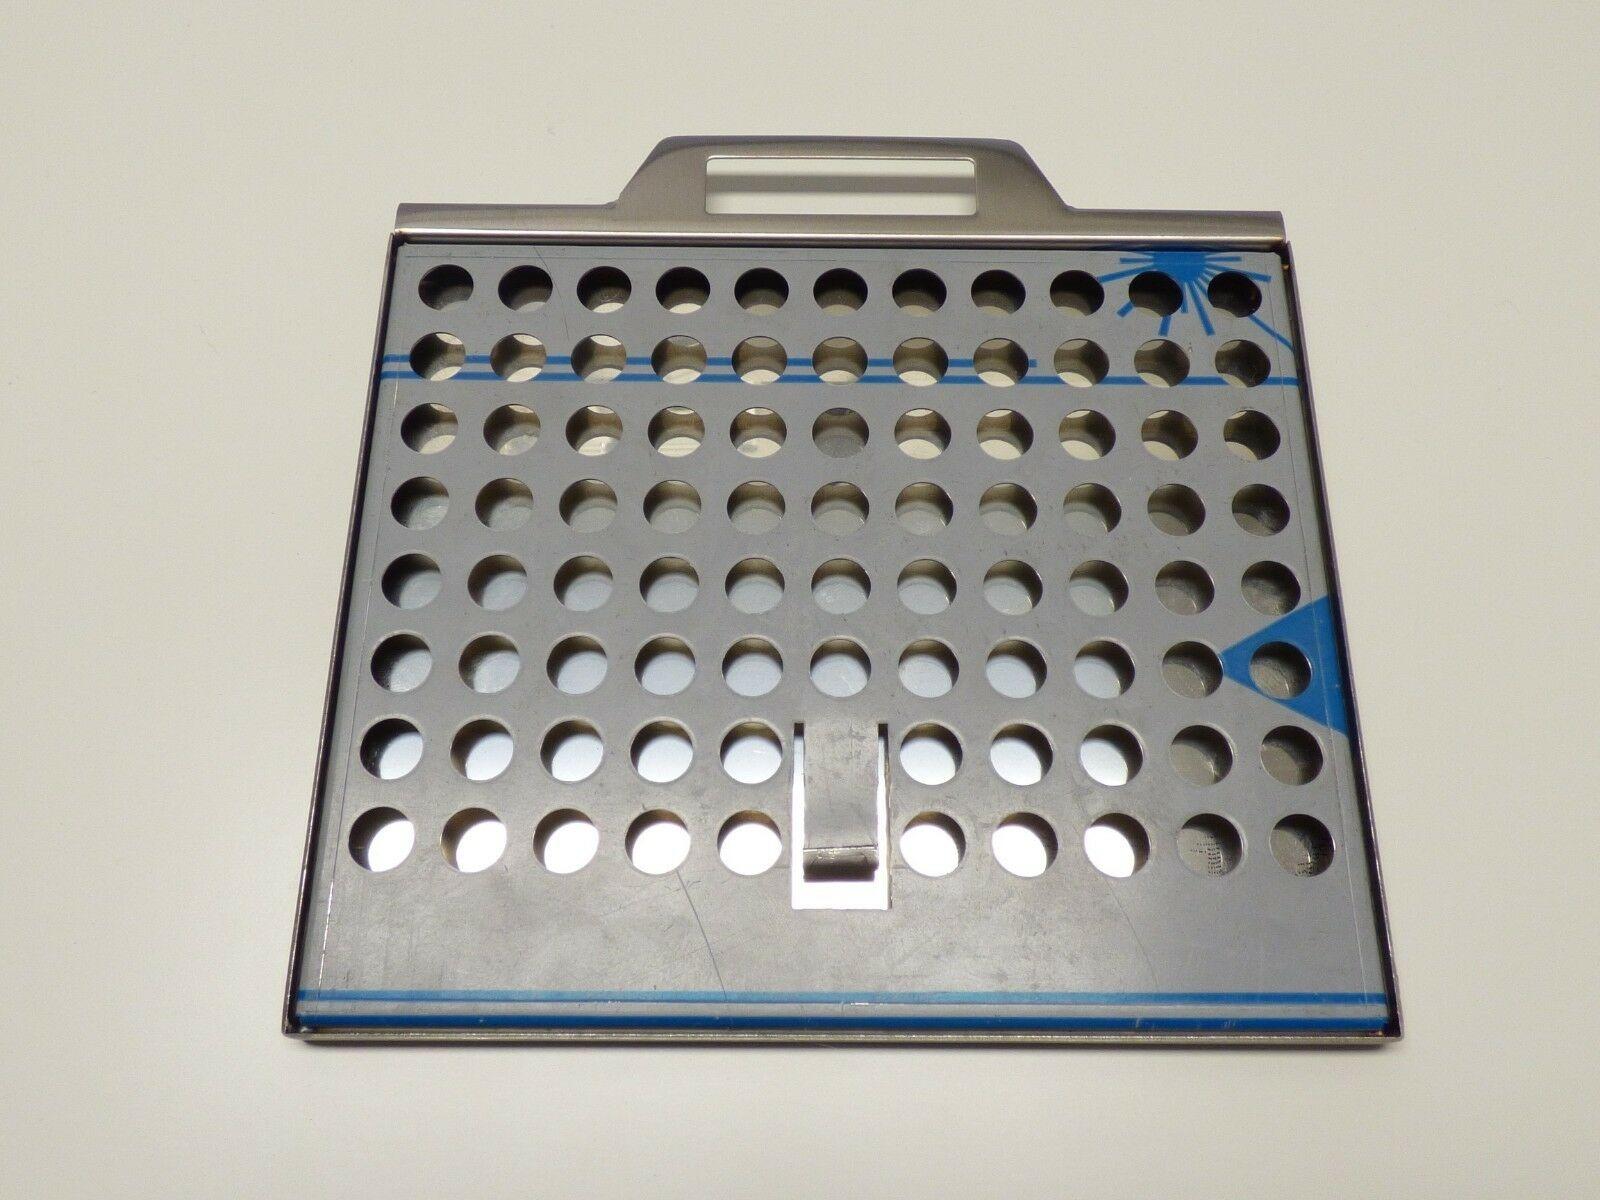 Selbach Tropfschale 195 x 195 x 8 mm für Craft Anlage   *EDELSTAHL*  Geschweißt